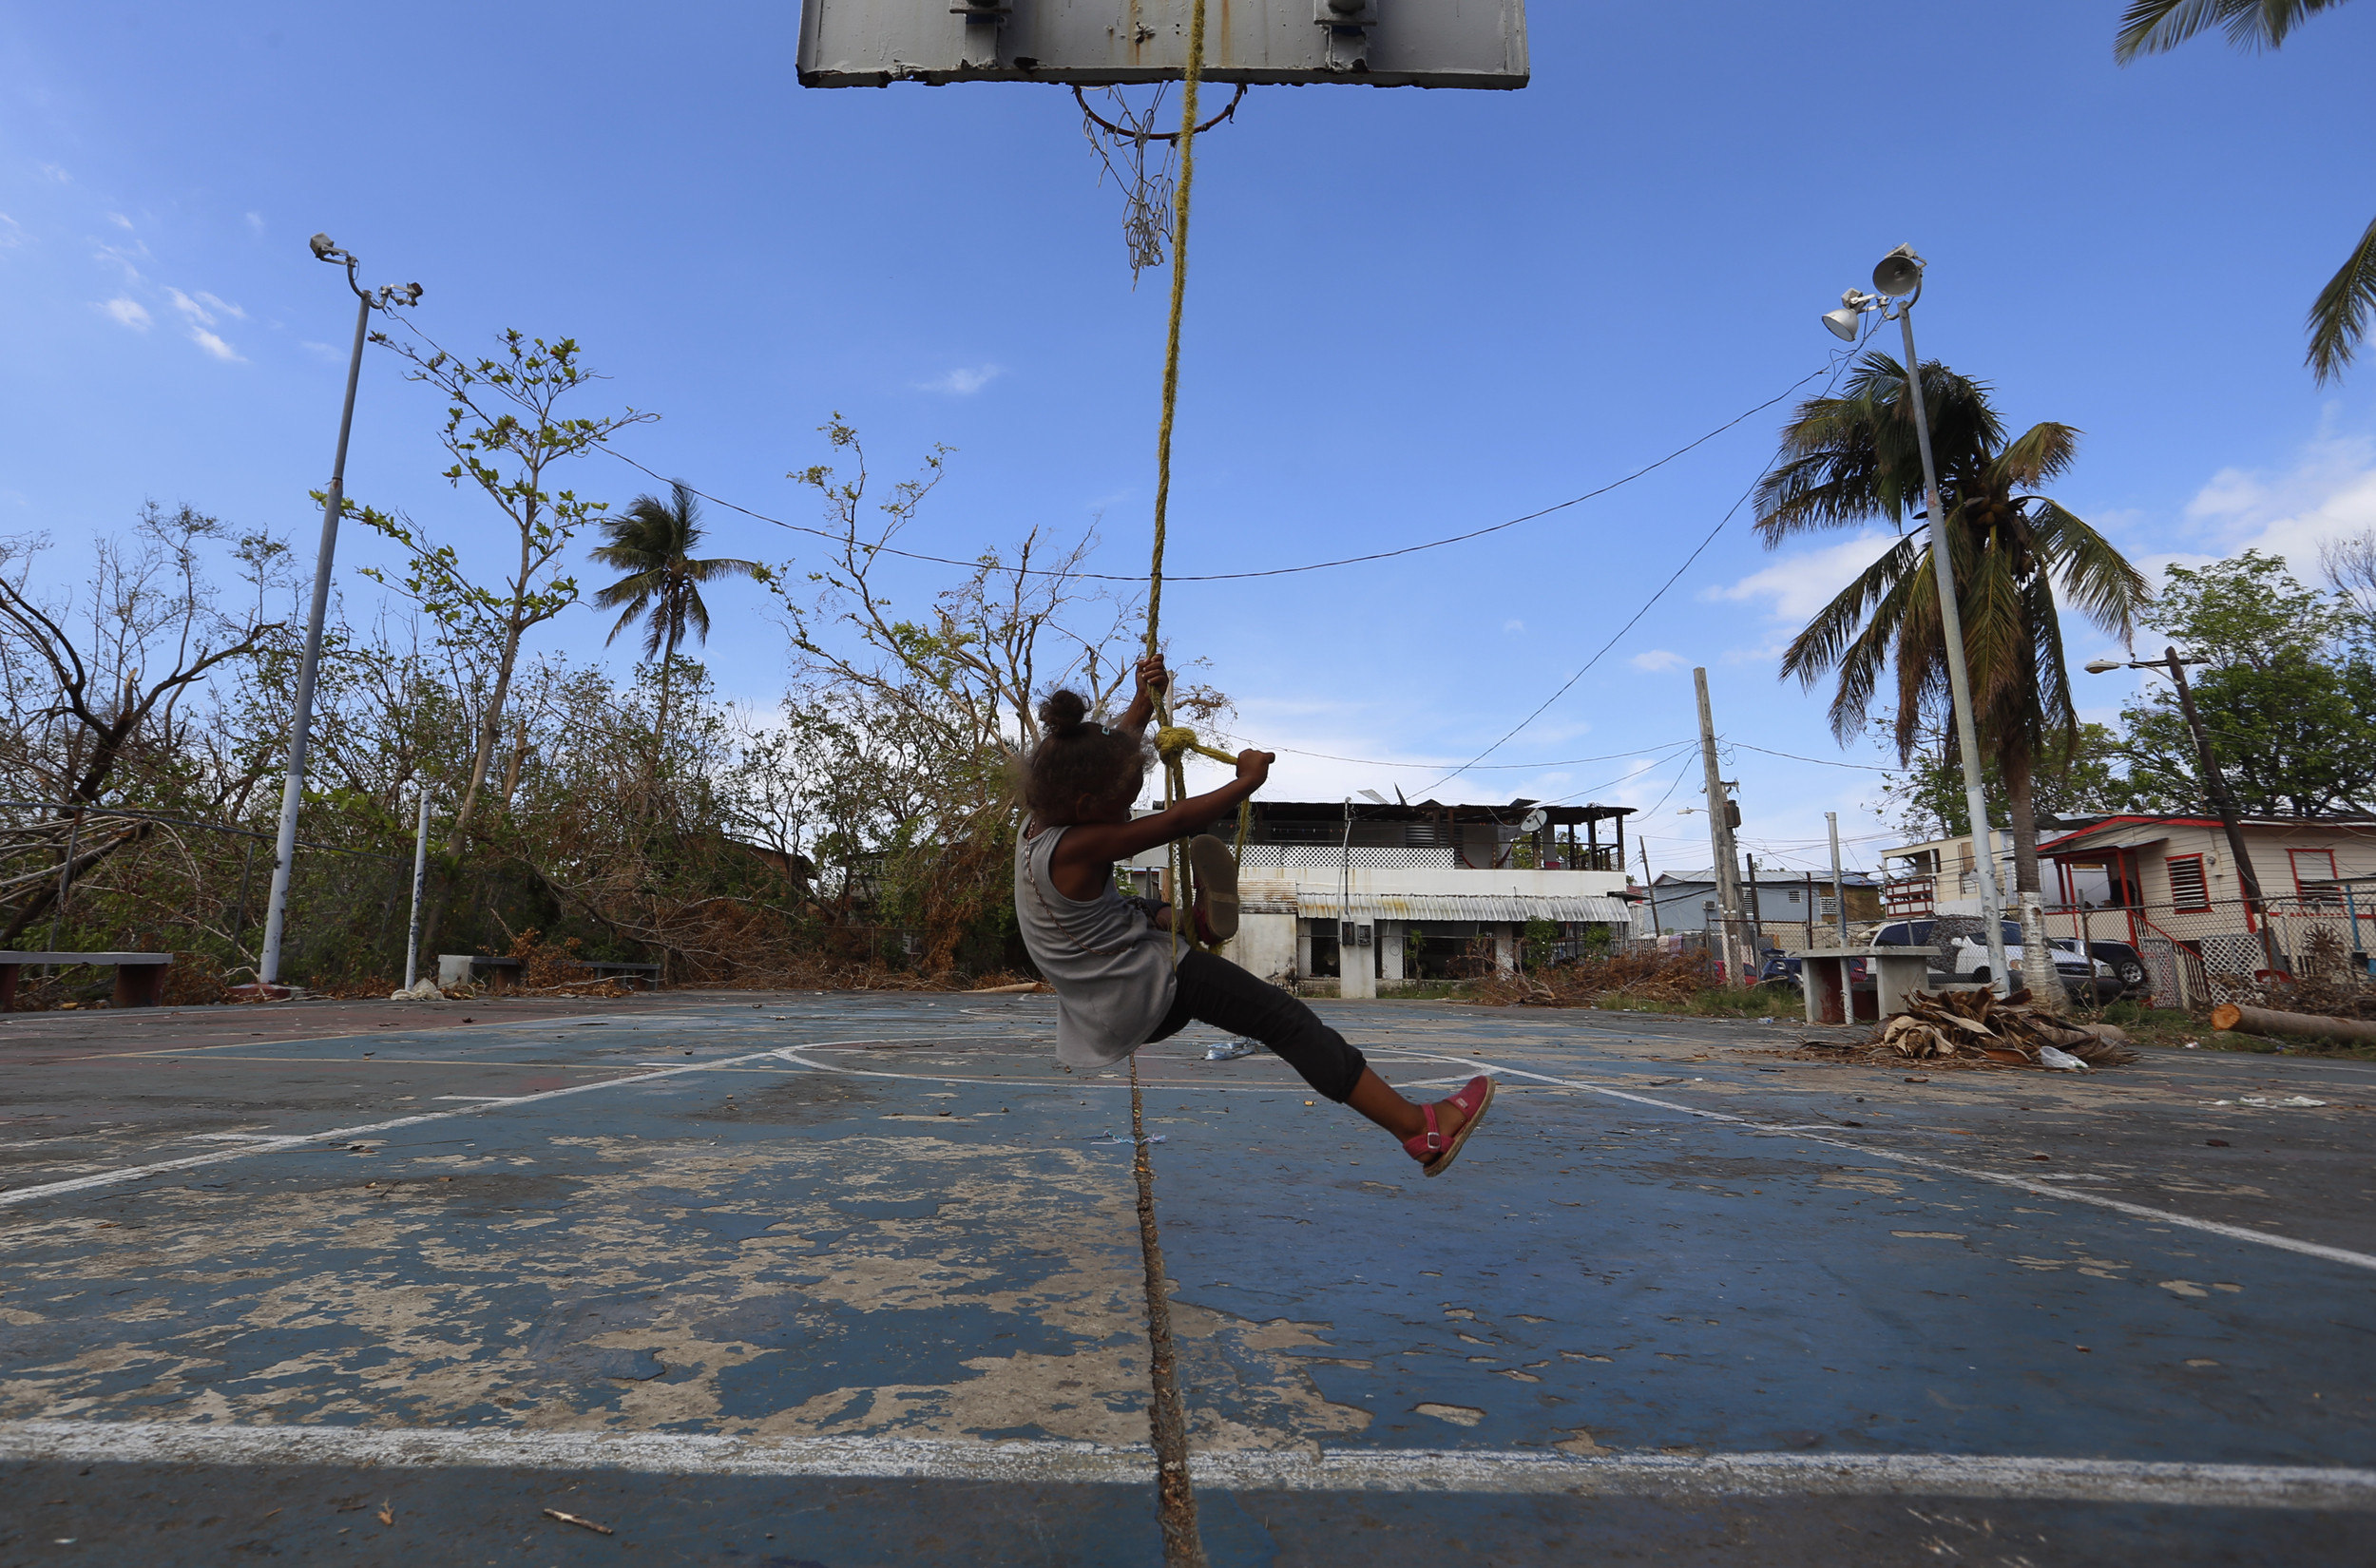 Una nina es gronxa en una pista de bàsquet després del pas de l'huracà MarIa a Puerto Rico. /THAIS LLORCA